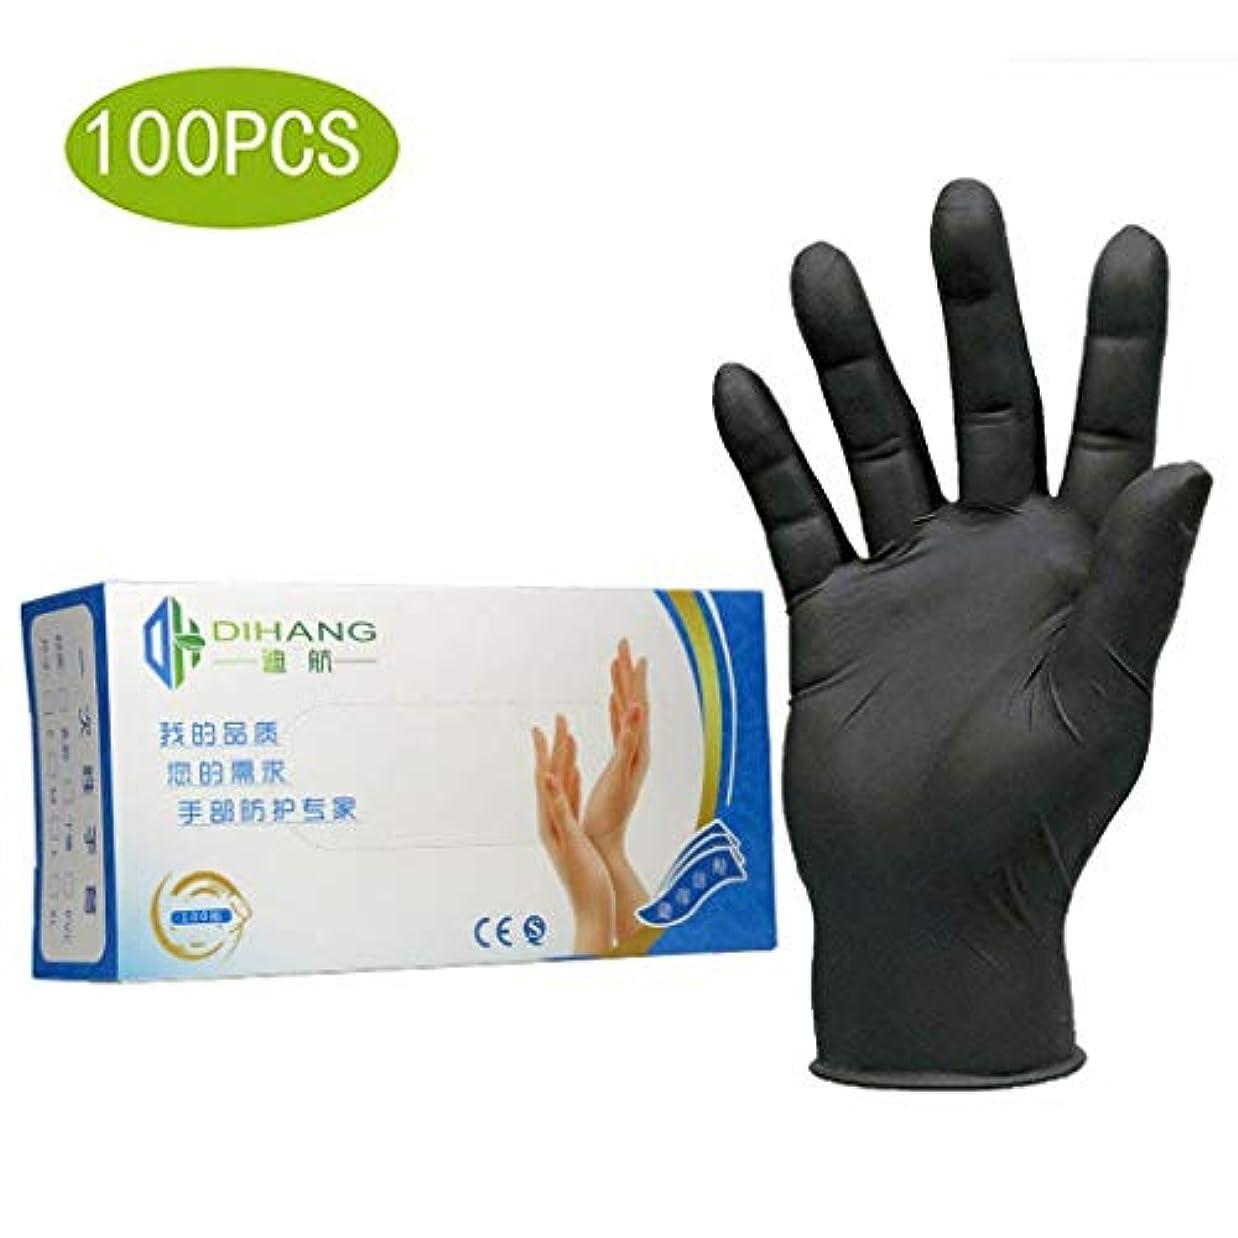 ポジティブ限られたポーター100倍使い捨て手袋耐酸性および耐アルカリ性試験軽量安全フィットニトリル手袋中粉末フリーラテックスフリータトゥー理髪産業加工労働保険 (Size : M)